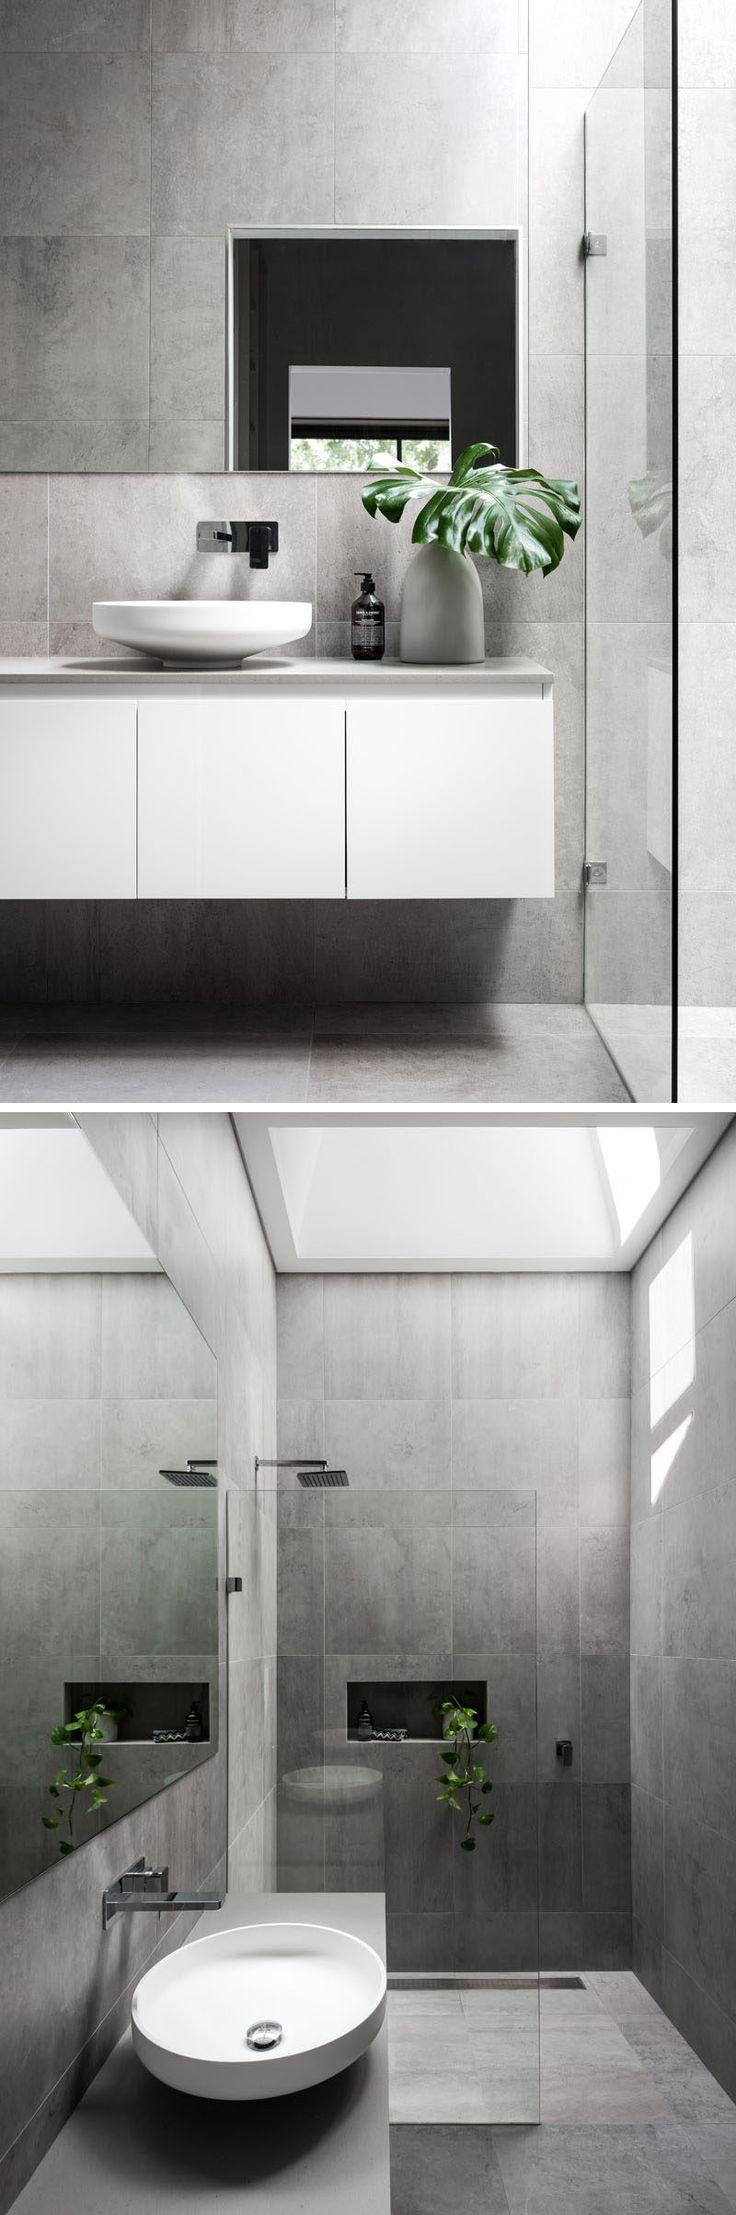 Этот современный мастер ванная комната имеет большой серый плиток, покрывающих стены и пол. Стеклянная перегородка отделяет душ от белой плавающей суета, и просвет добавляет большое количество естественного света в комнату.